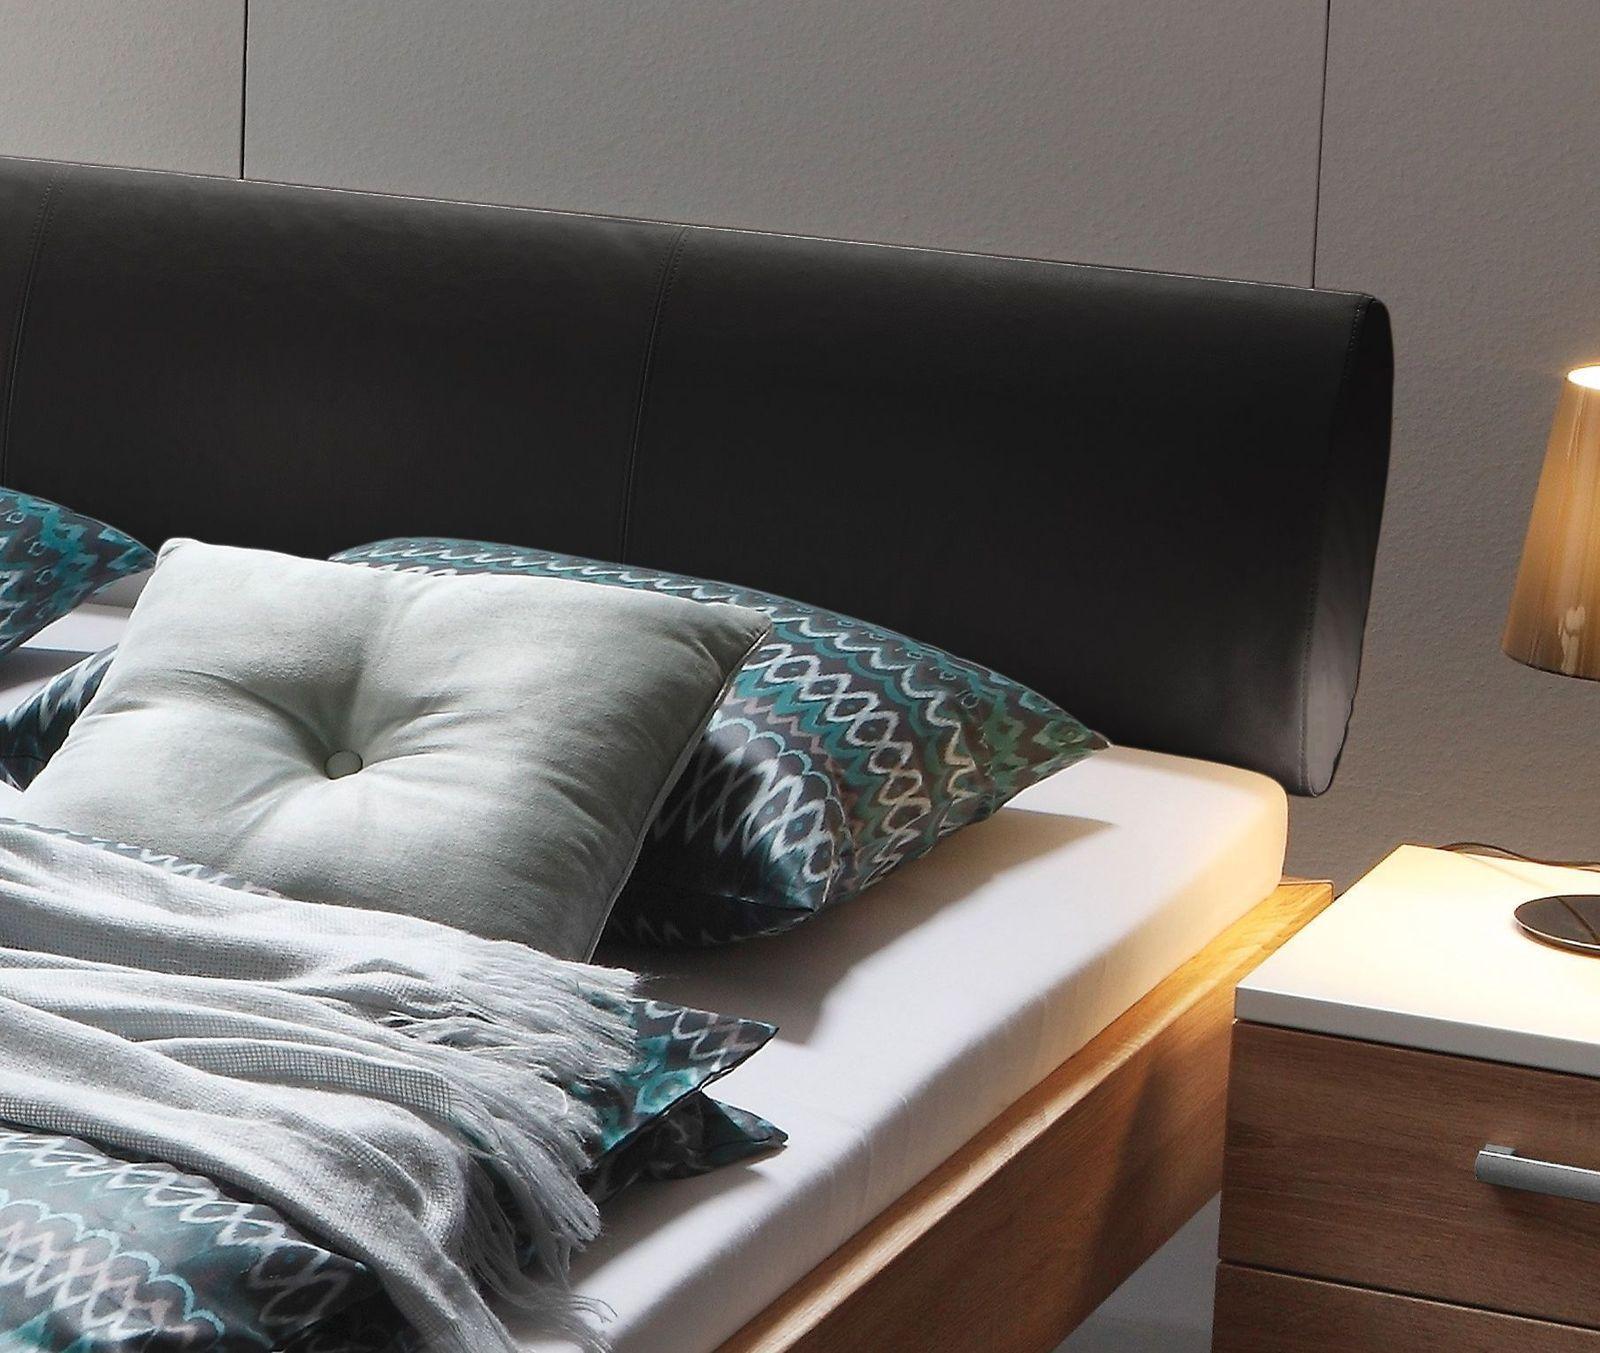 kopfteil bett polster kopfteil bett polster selber machen. Black Bedroom Furniture Sets. Home Design Ideas